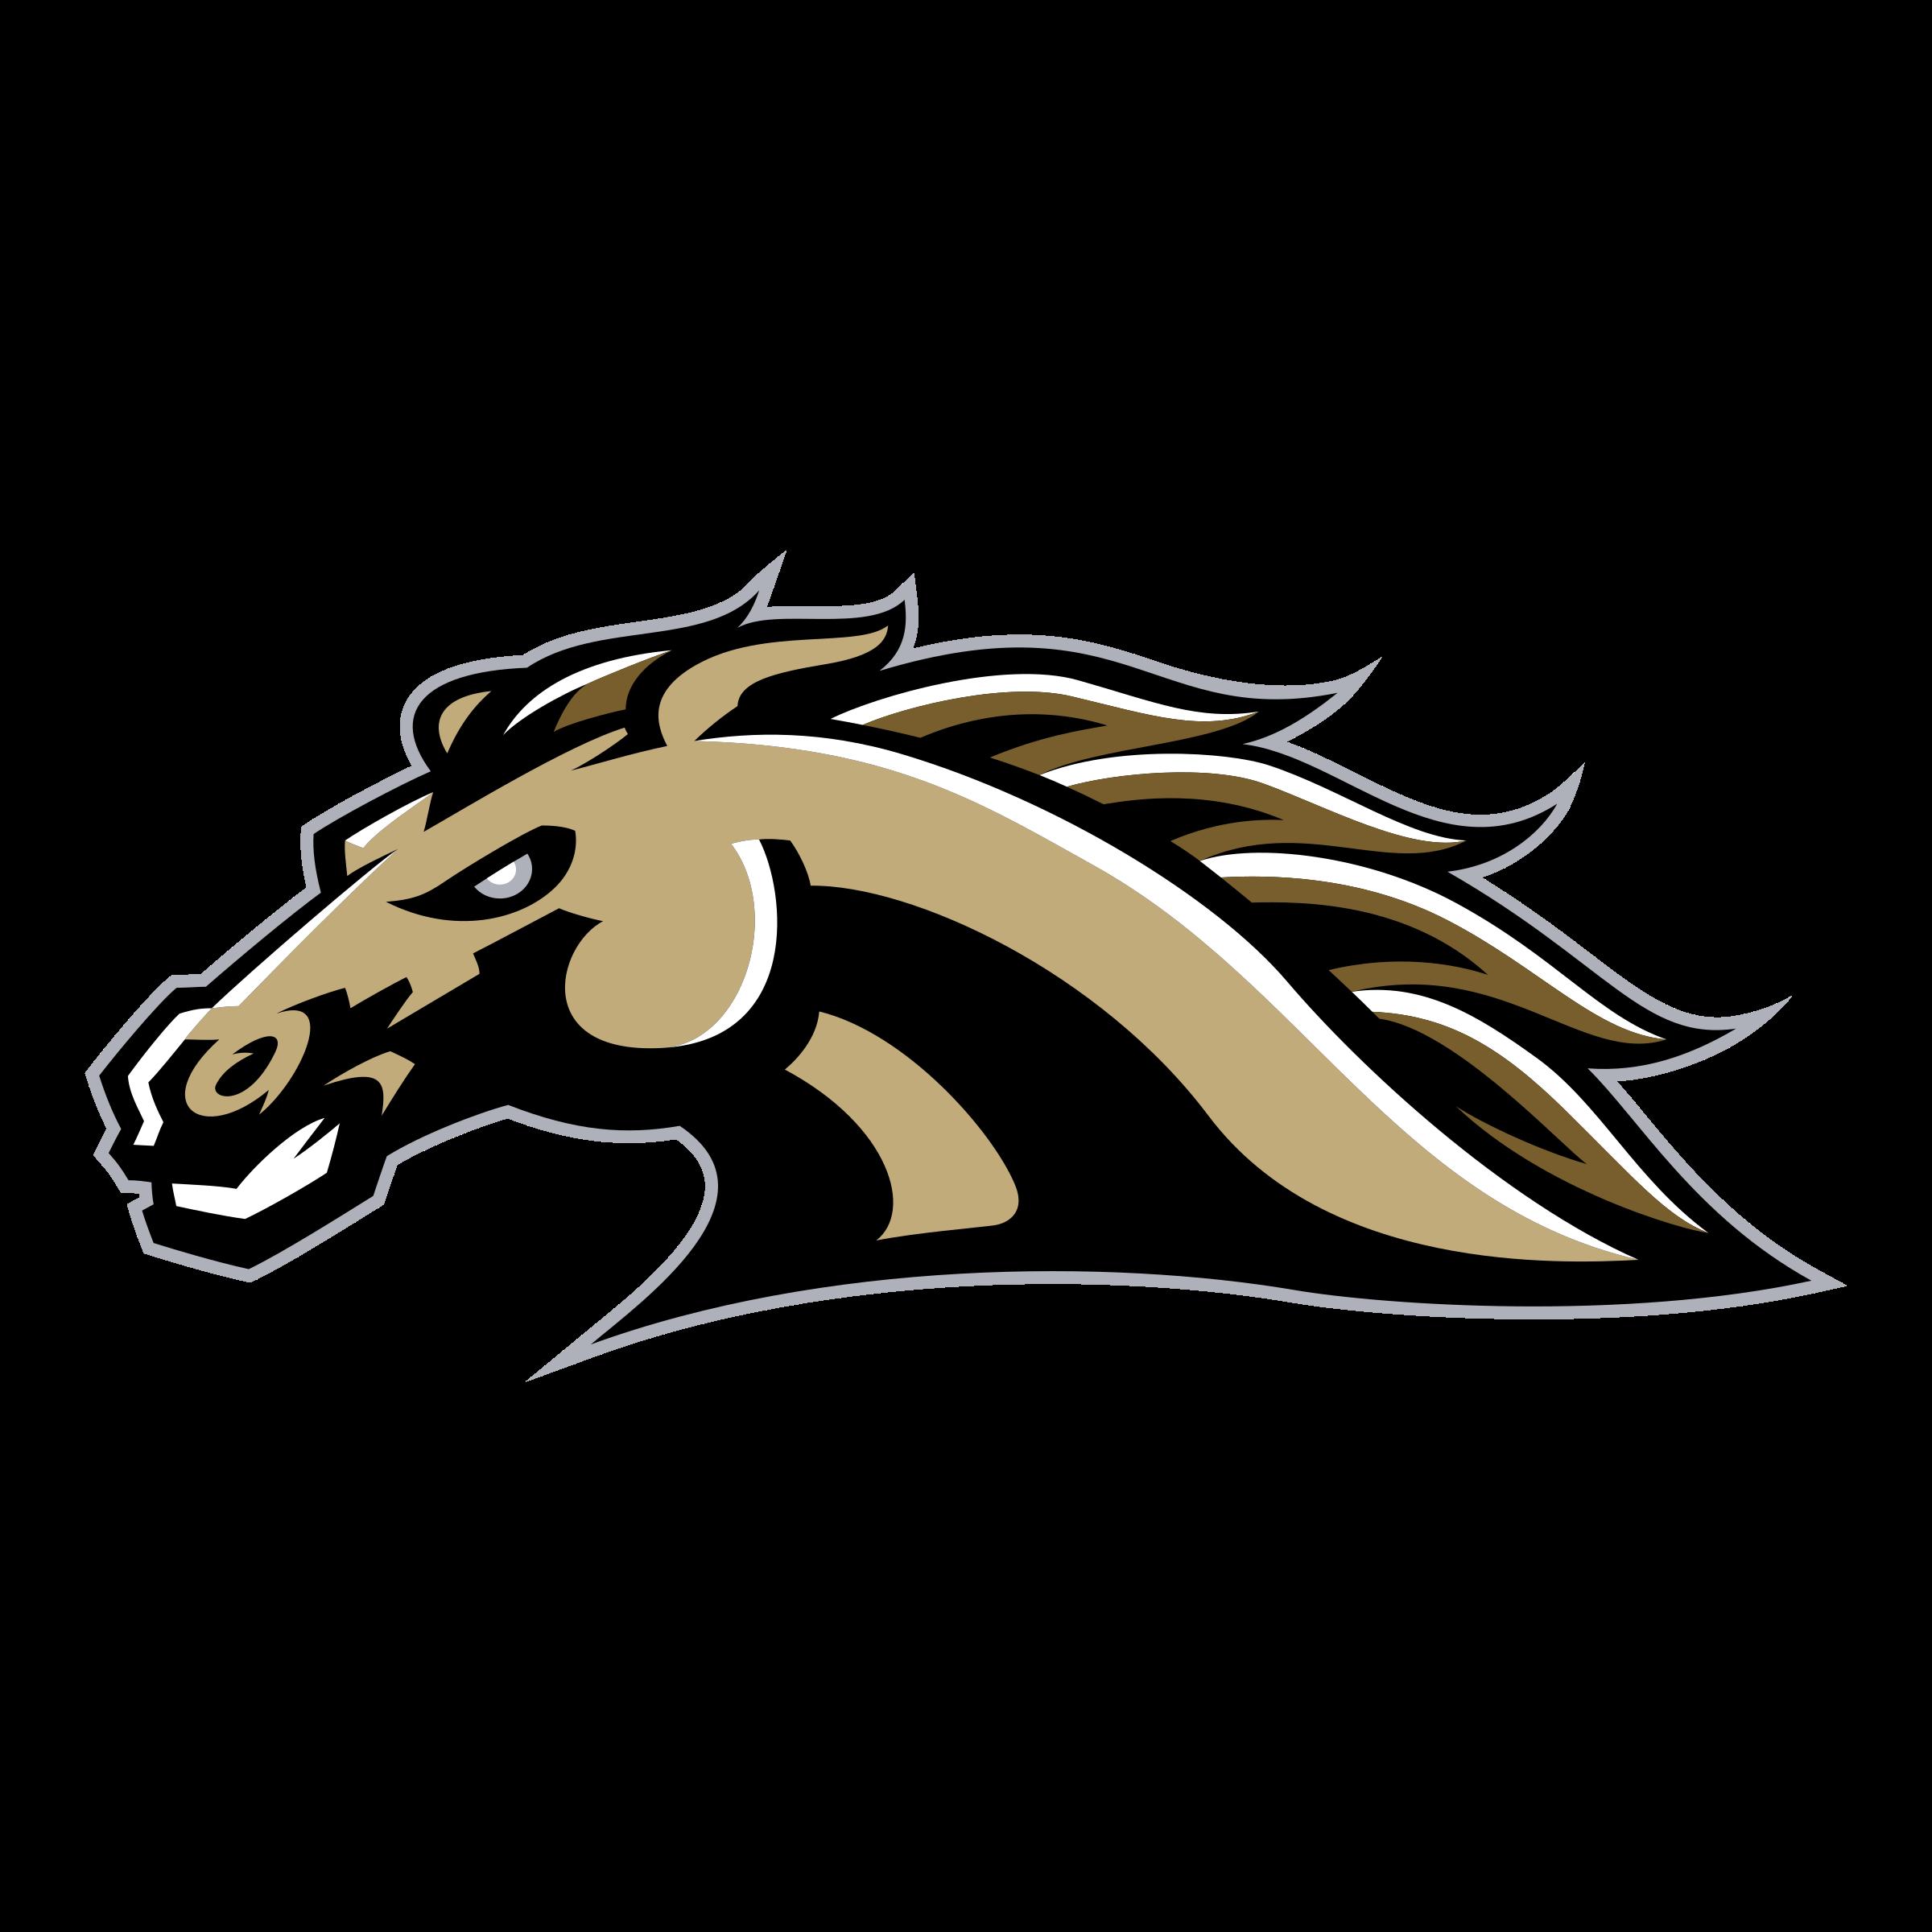 image Broncos svg head. Wmu logo png transparent